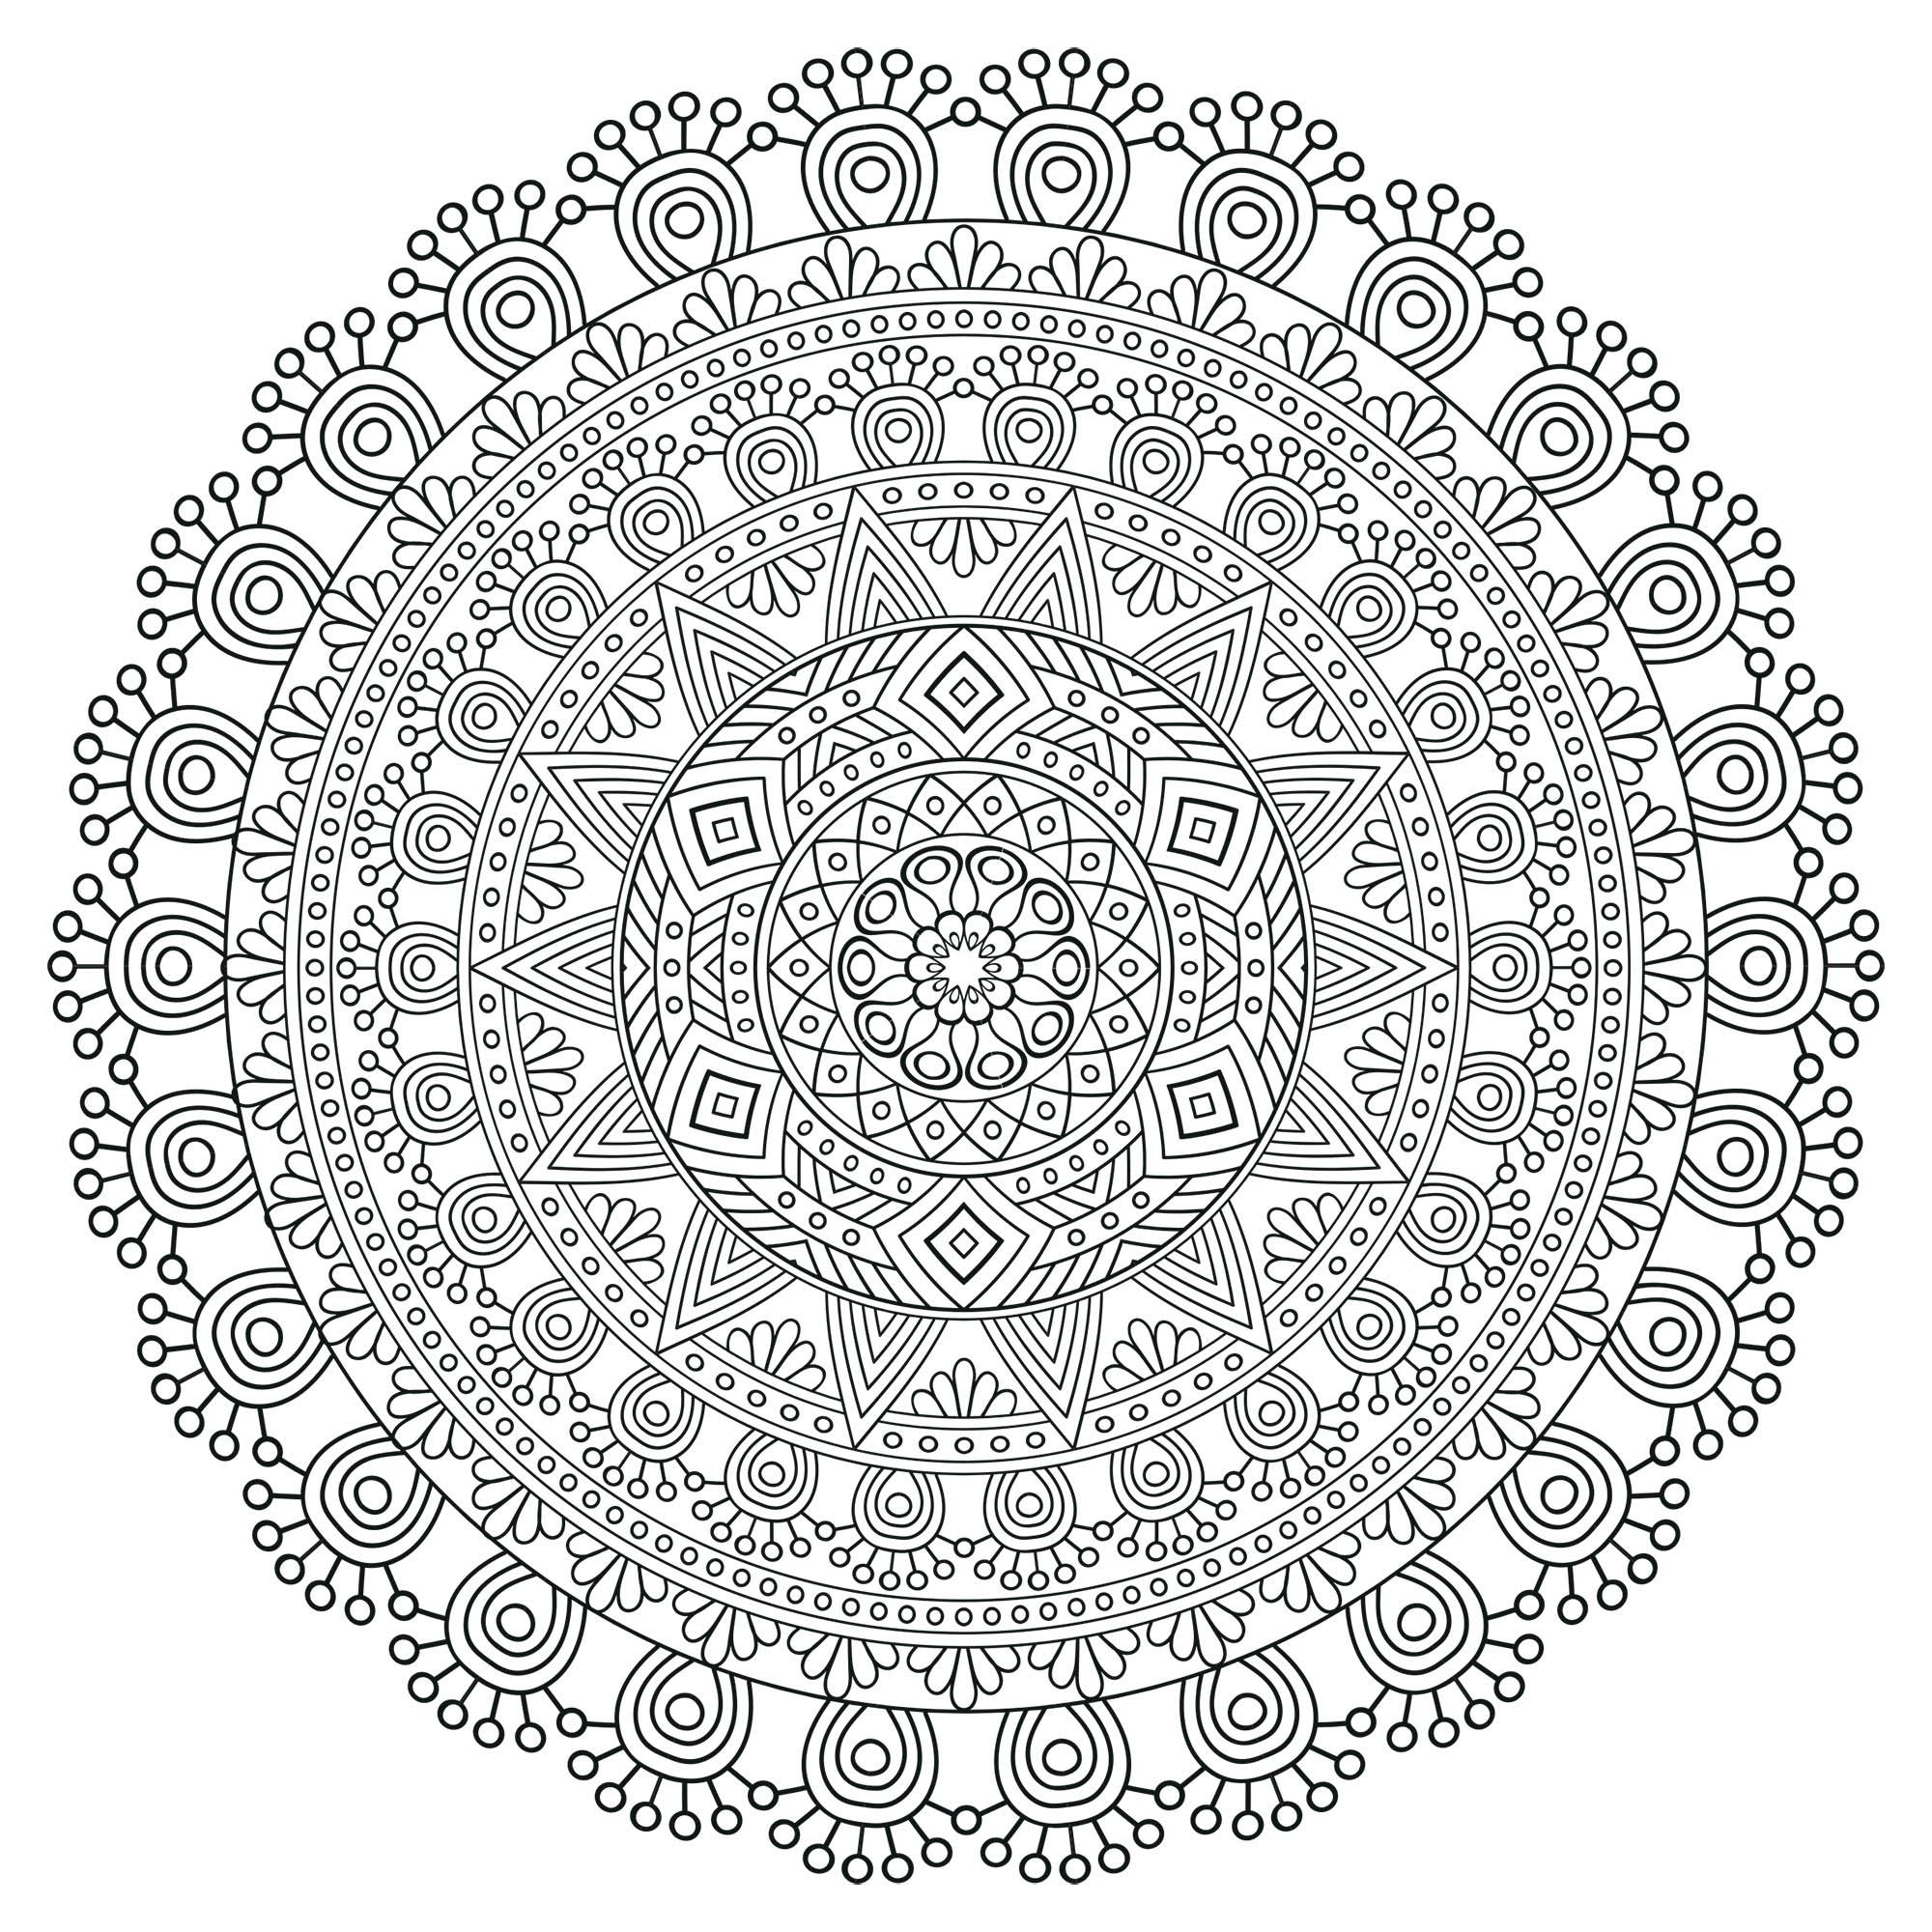 Mandala With Multiple Levels